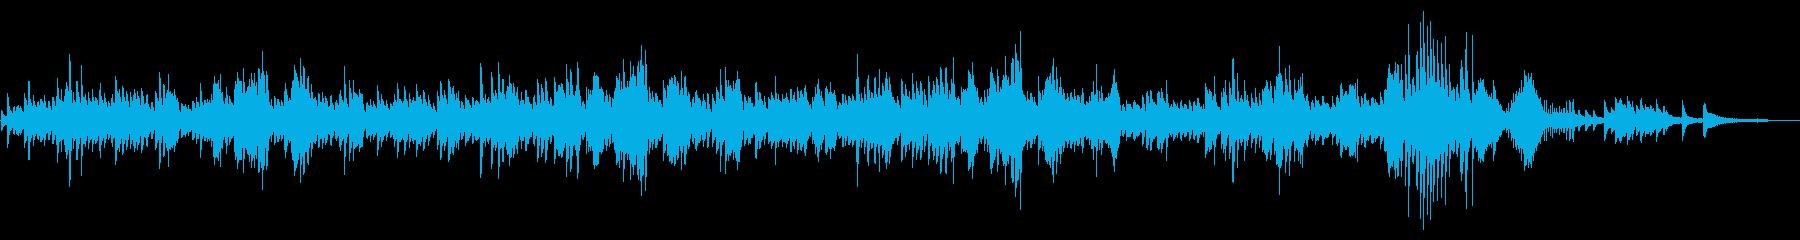 ショパン、ノクターン第2番の再生済みの波形